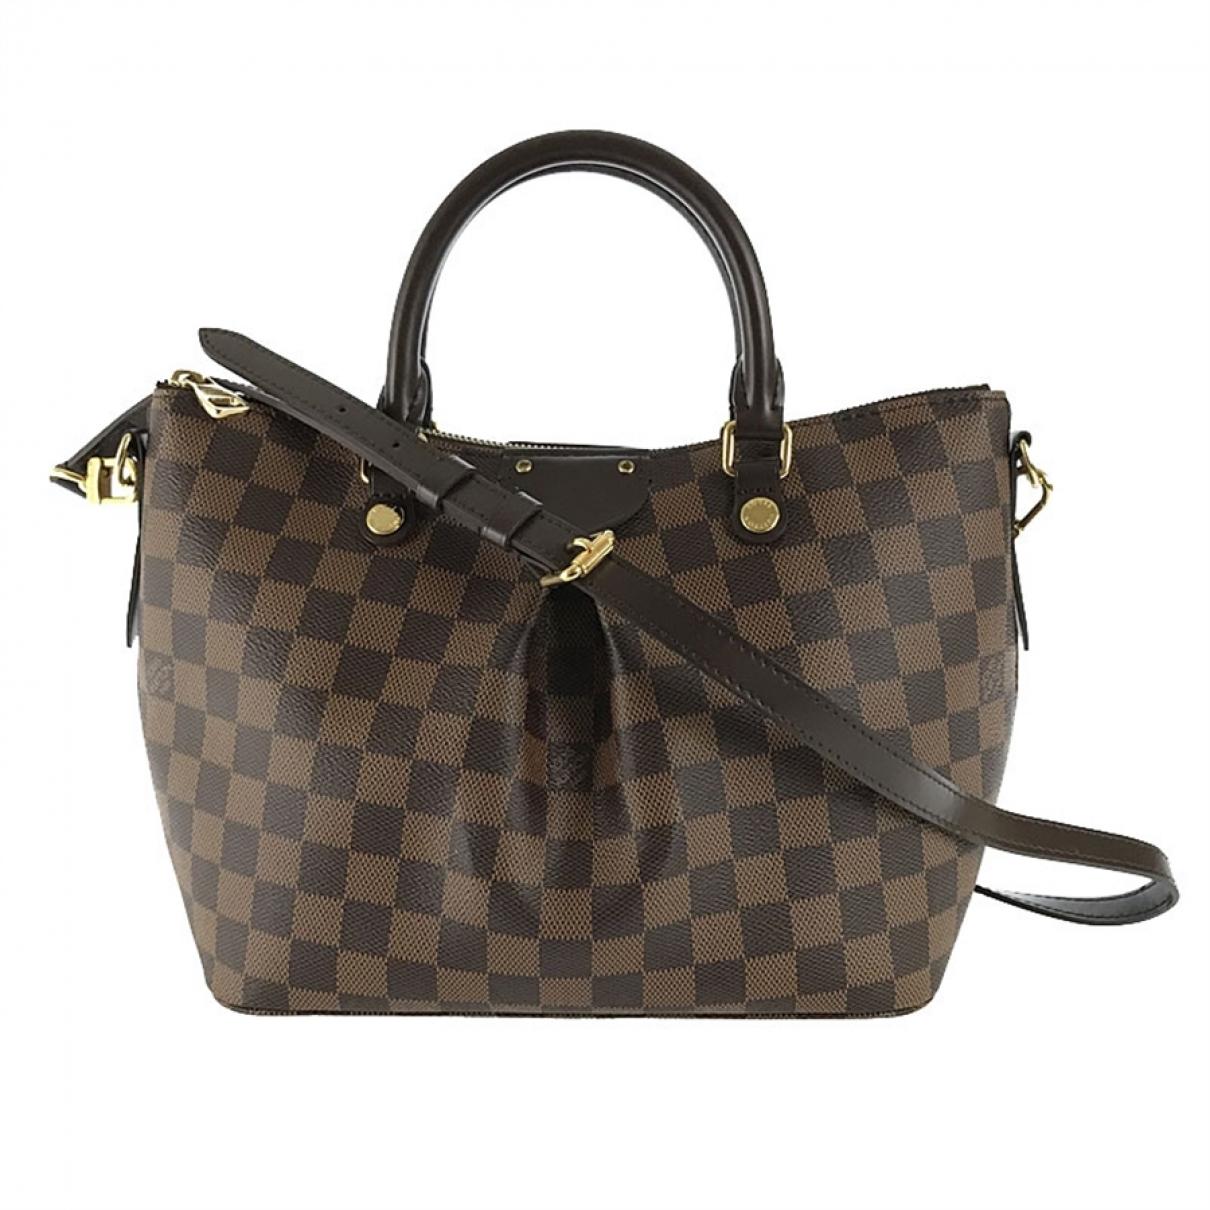 Louis Vuitton - Sac a main Siena pour femme en toile - marron